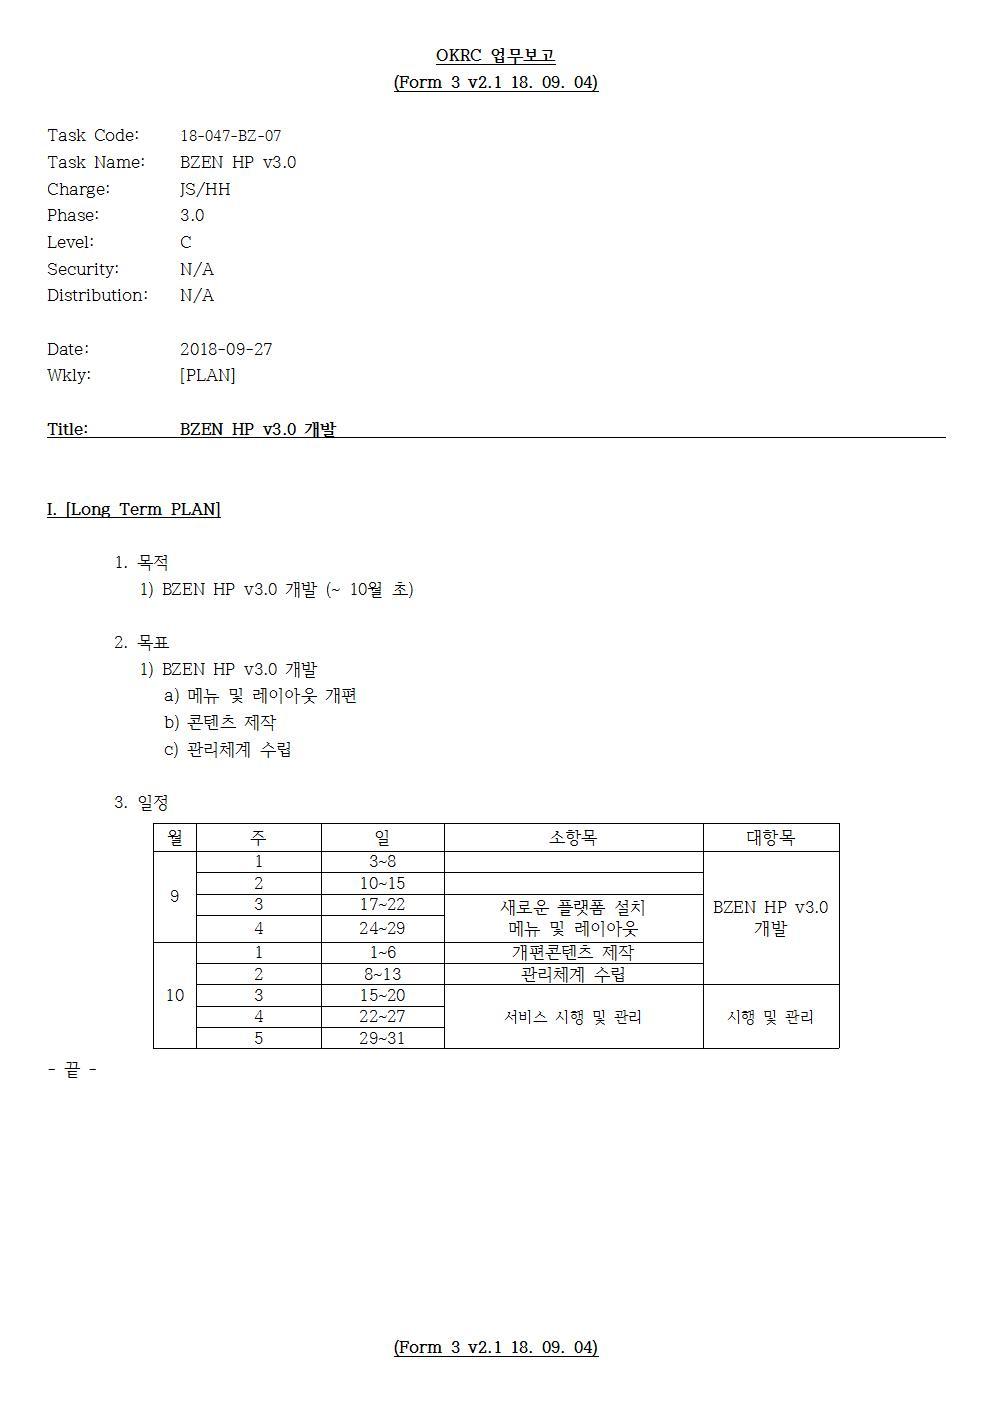 D-[18-047-BZ-07]-[BZEN HP v3.0]-[2018-09-27][JS]001.jpg